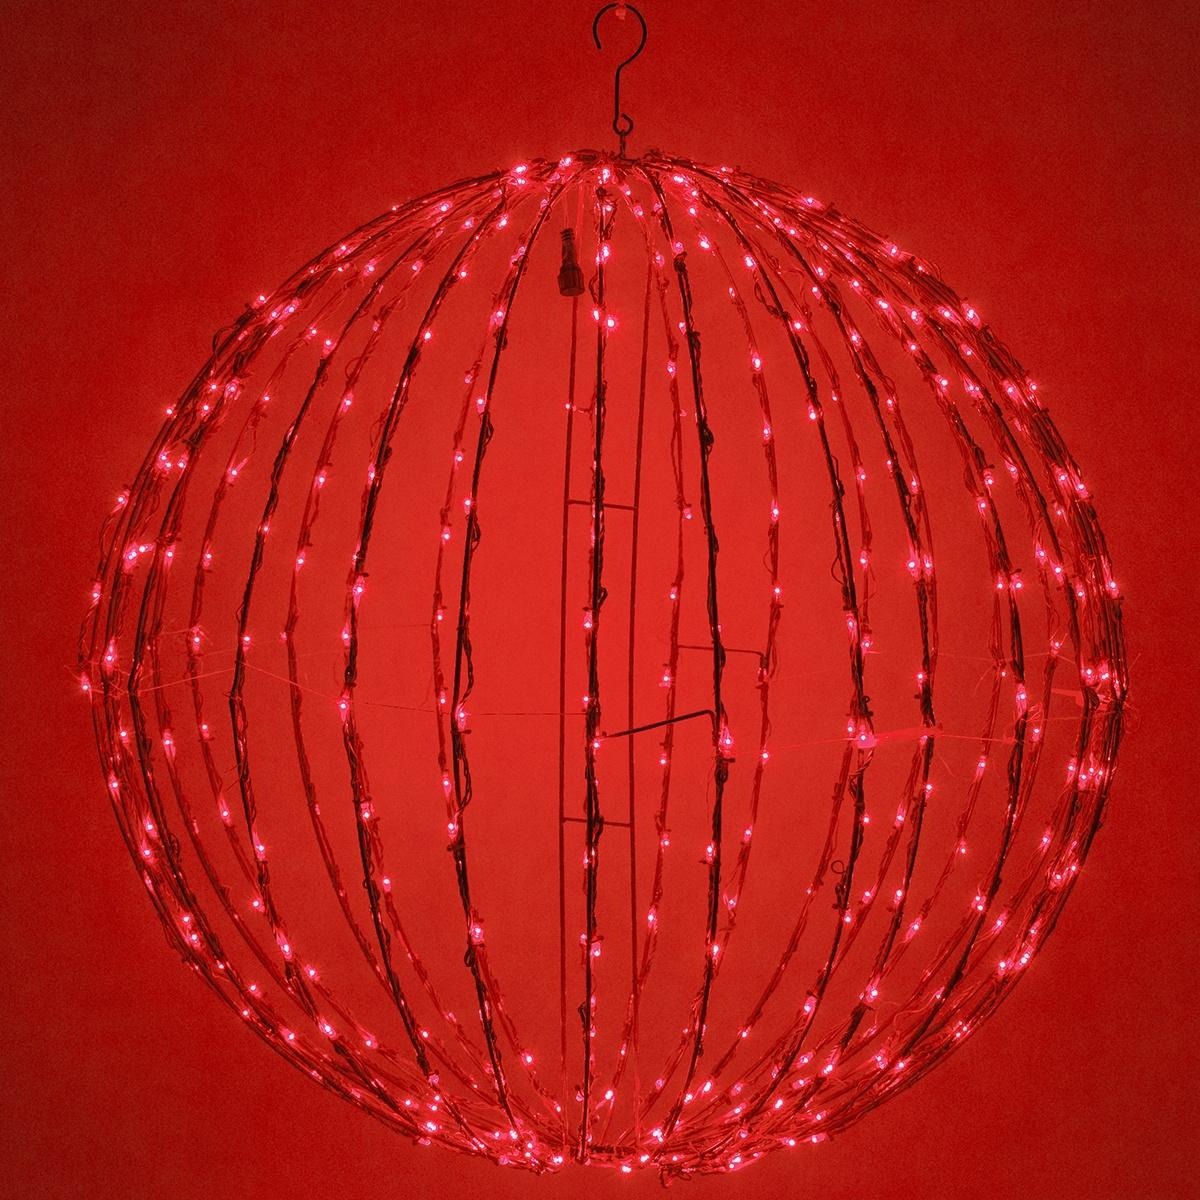 Light Ball Fold Flat Red Frame Red Led Yard Envy